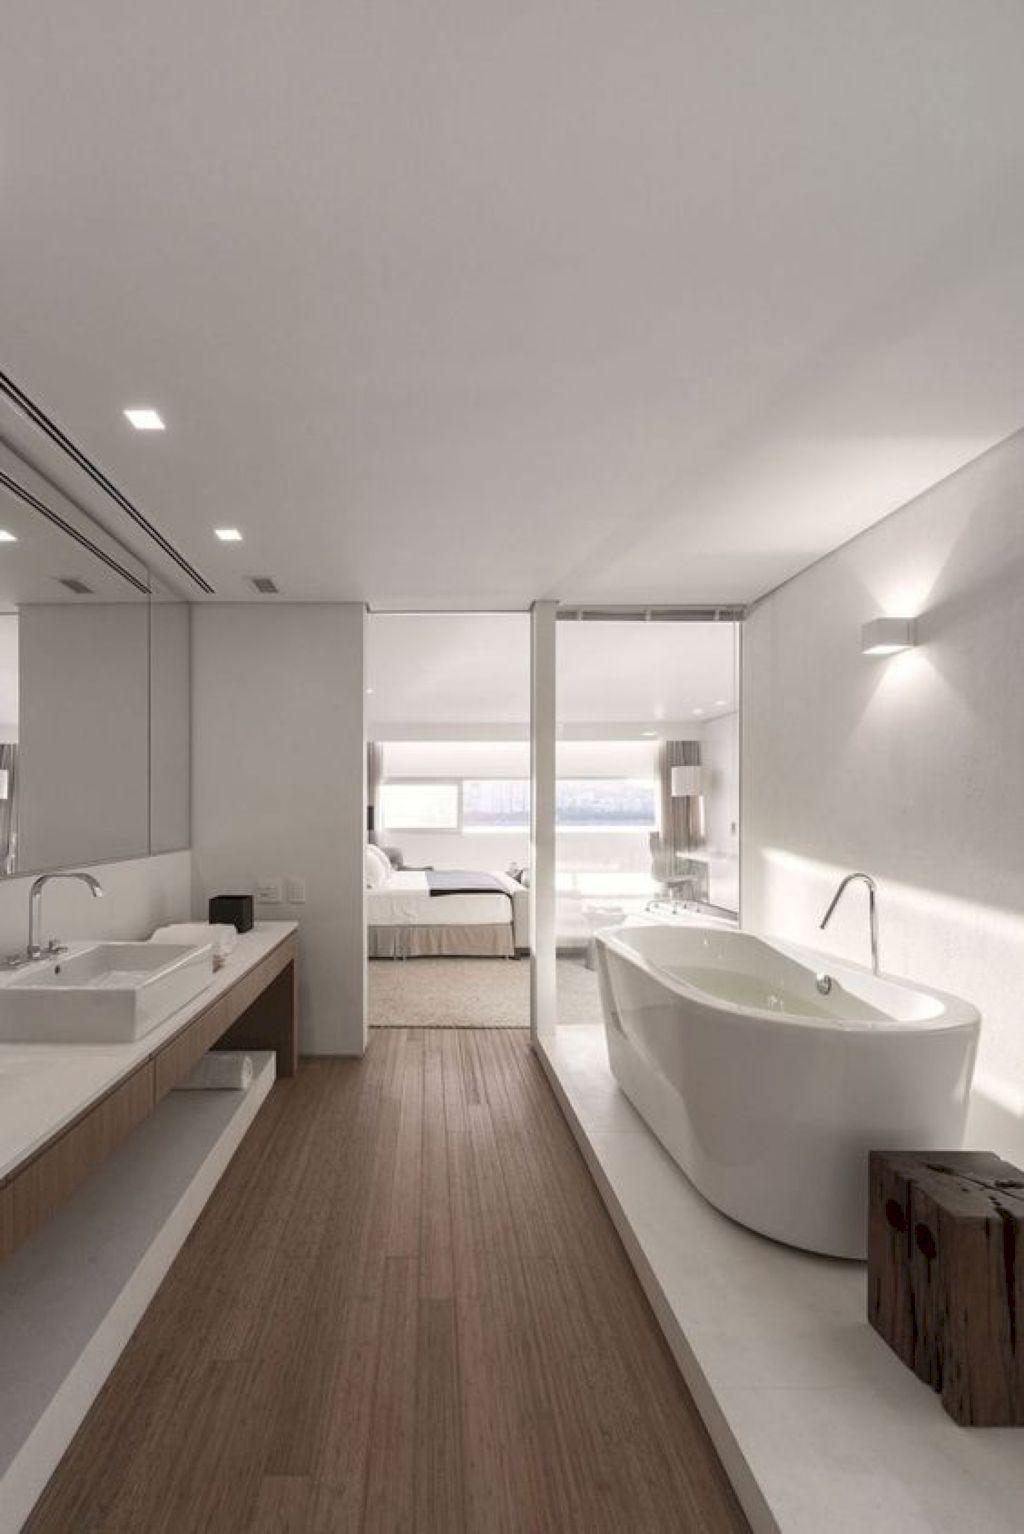 Controsoffitti in cartongesso guida utile 50 stupende idee zona bagno pinterest - Rivestimento parete camera da letto ...